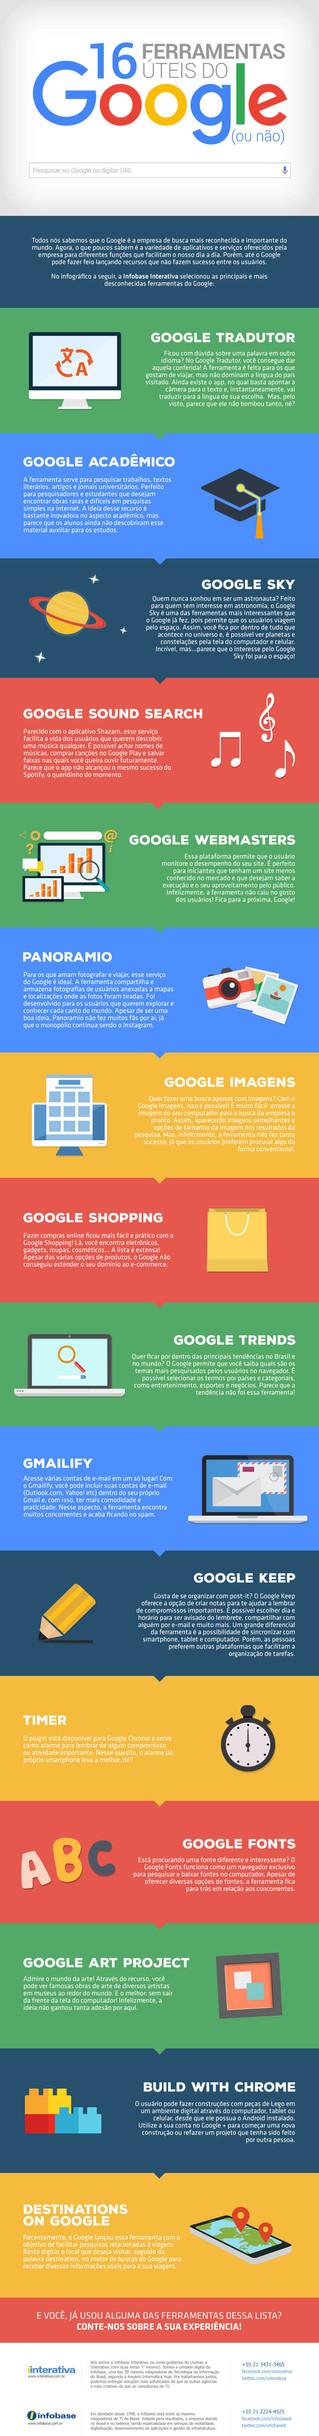 Conheça 16 ferramentas úteis do Google